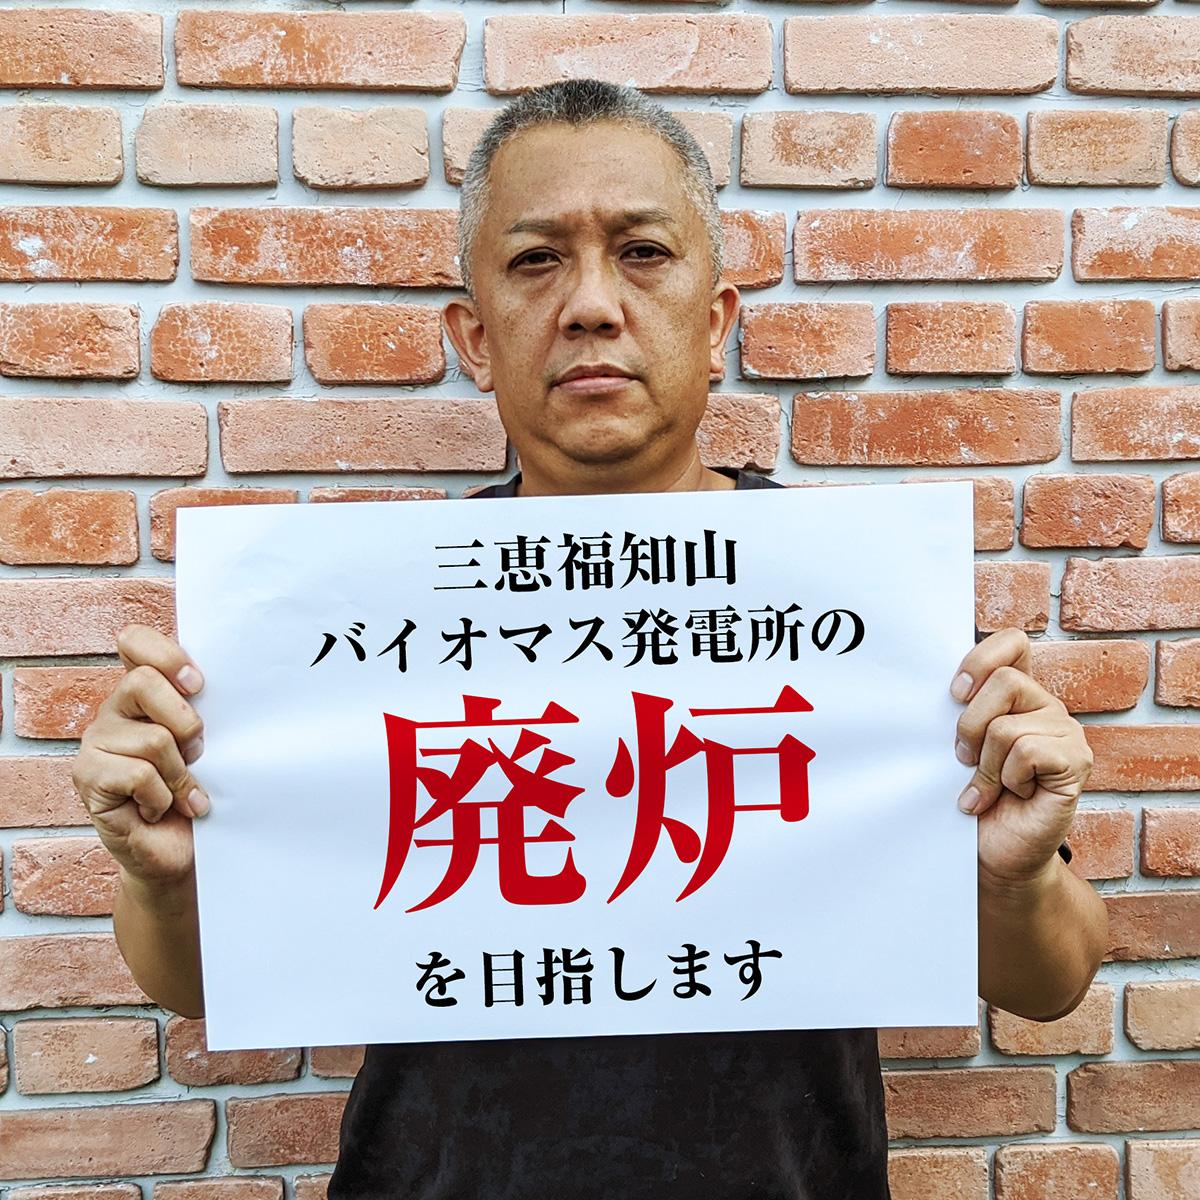 決意の坊主頭 三恵福知山バイオマス発電廃炉を目指します